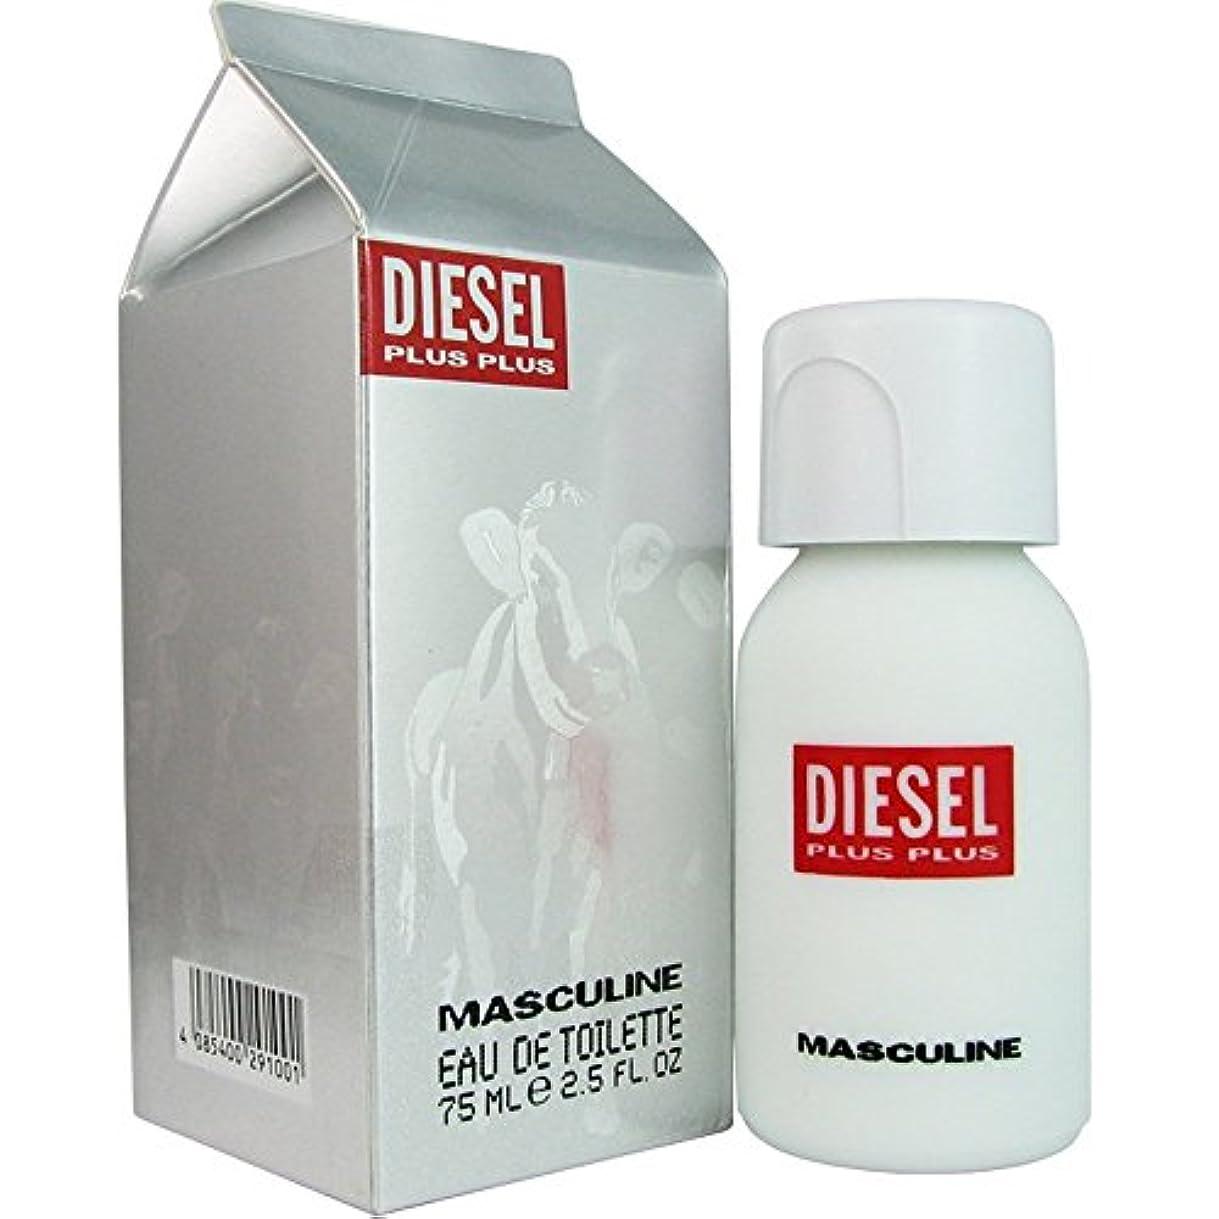 静脈蓋暴力的なディーゼル DIESEL プラス プラス マスキュリン EDT SP 75ml